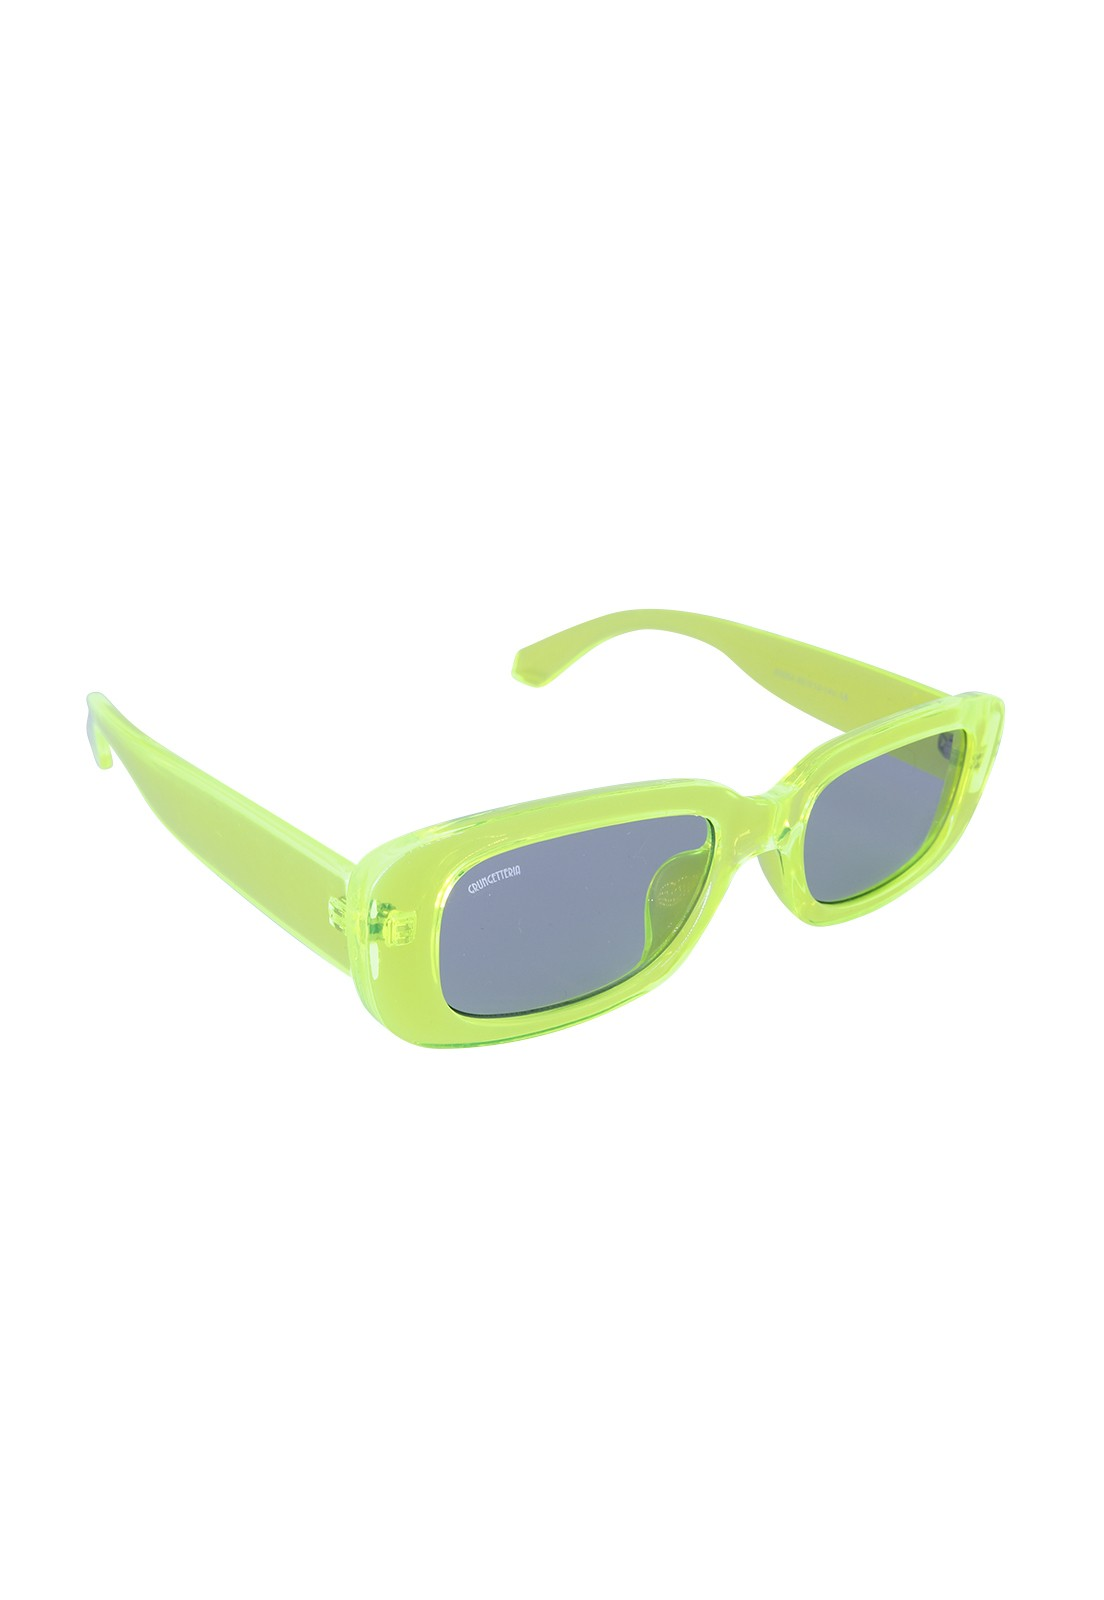 Óculos de Sol Grungetteria Fresh Neon